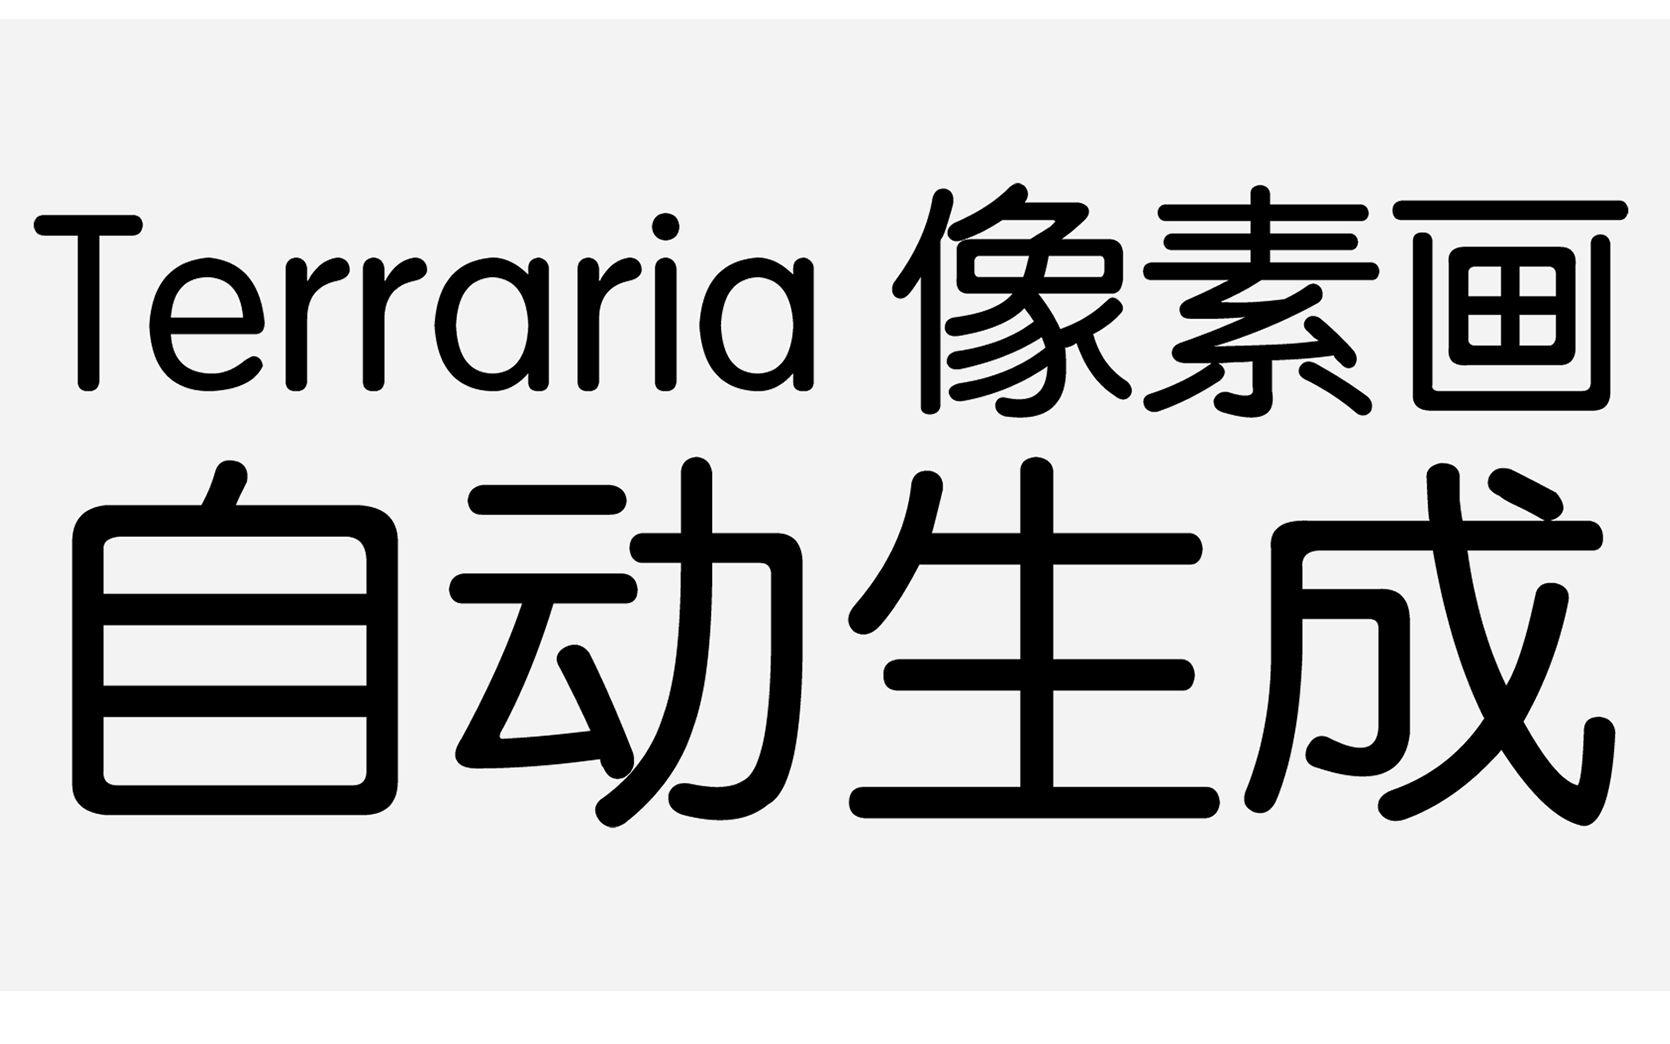 Terraria 使用TEdit生成像素画_哔哩哔哩 (゜-゜)つロ 干杯~-bilibili